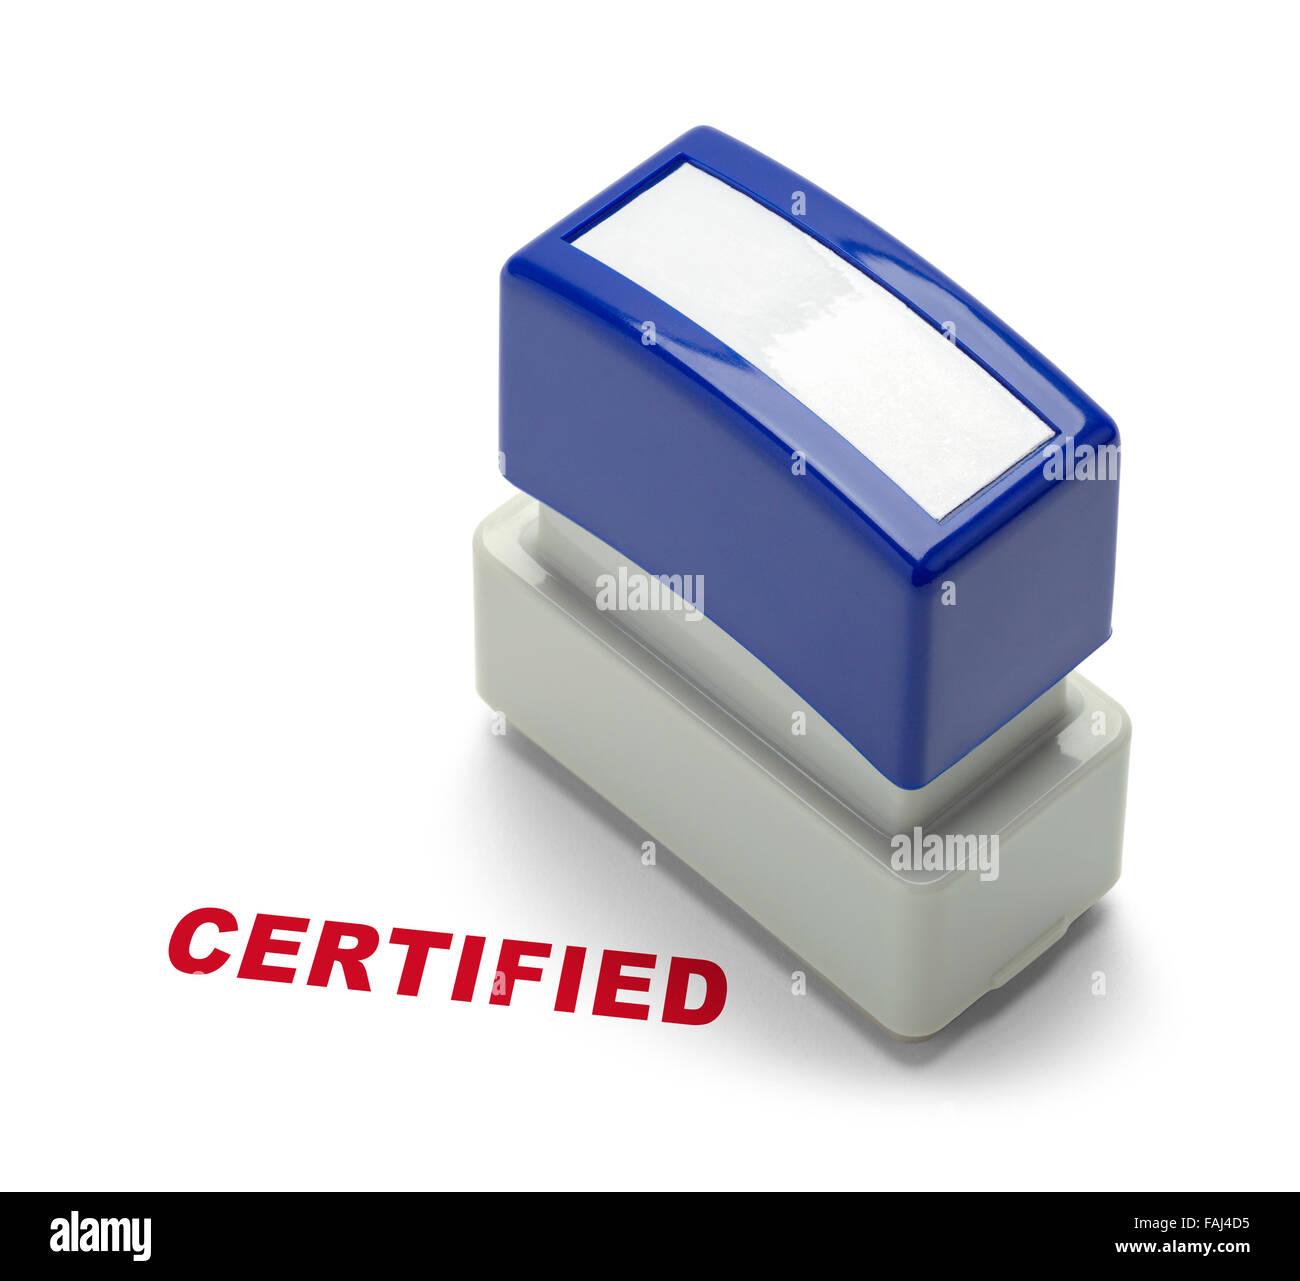 Certifié d'affaires Stamper isolé sur un fond blanc. Photo Stock